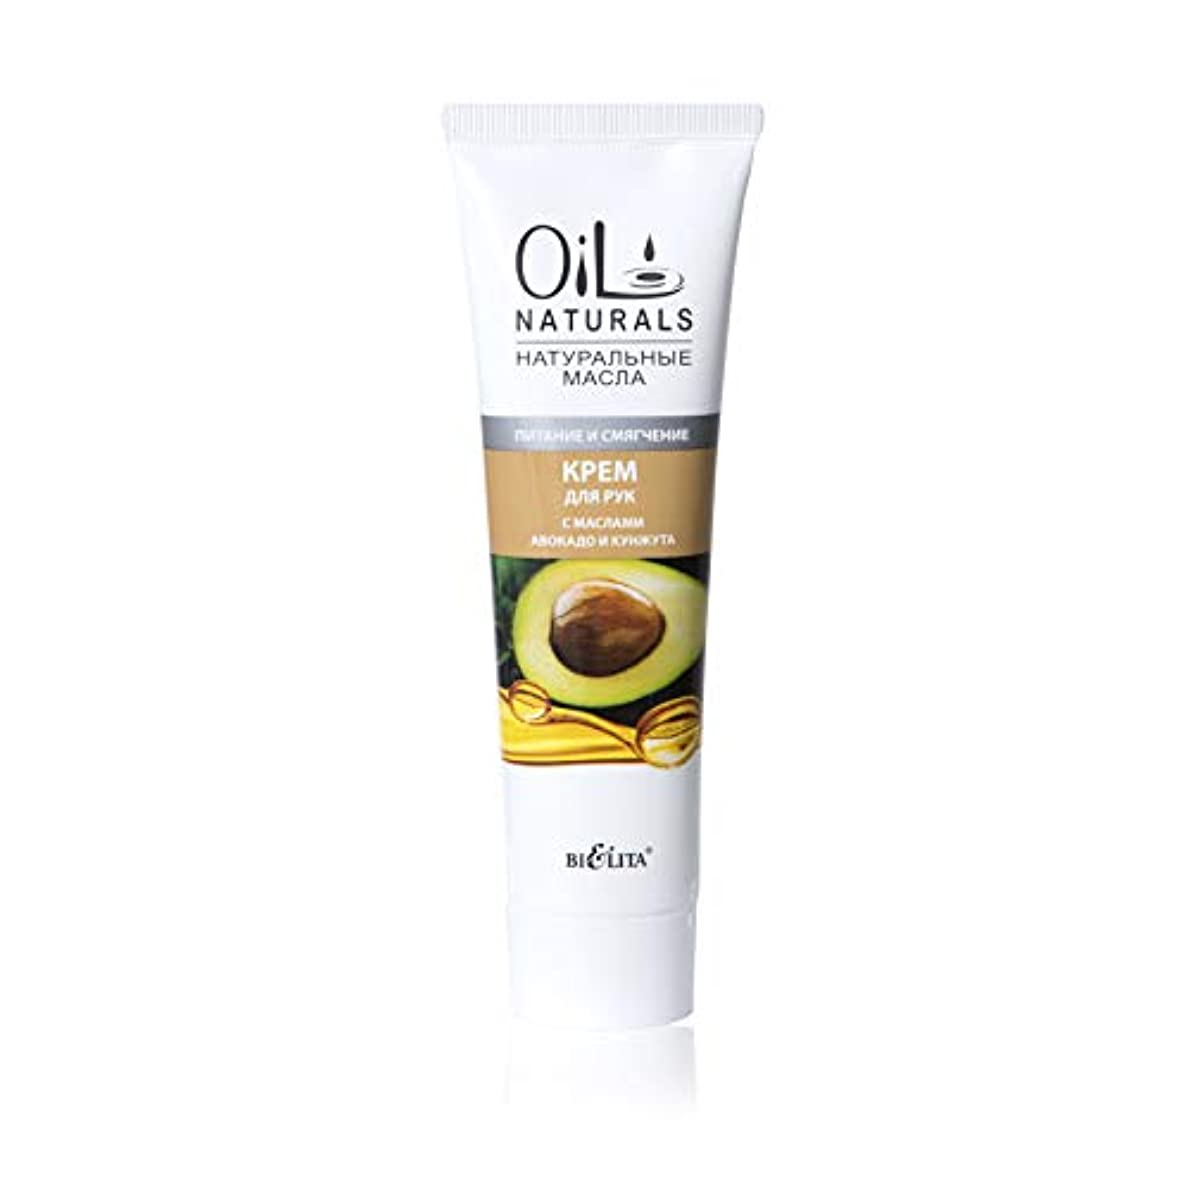 ブルーベル魔術報酬Bielita & Vitex Oil Naturals Line | Nutrition & Softening Hand Cream, 100 ml | Avocado Oil, Silk Proteins, Sesame...